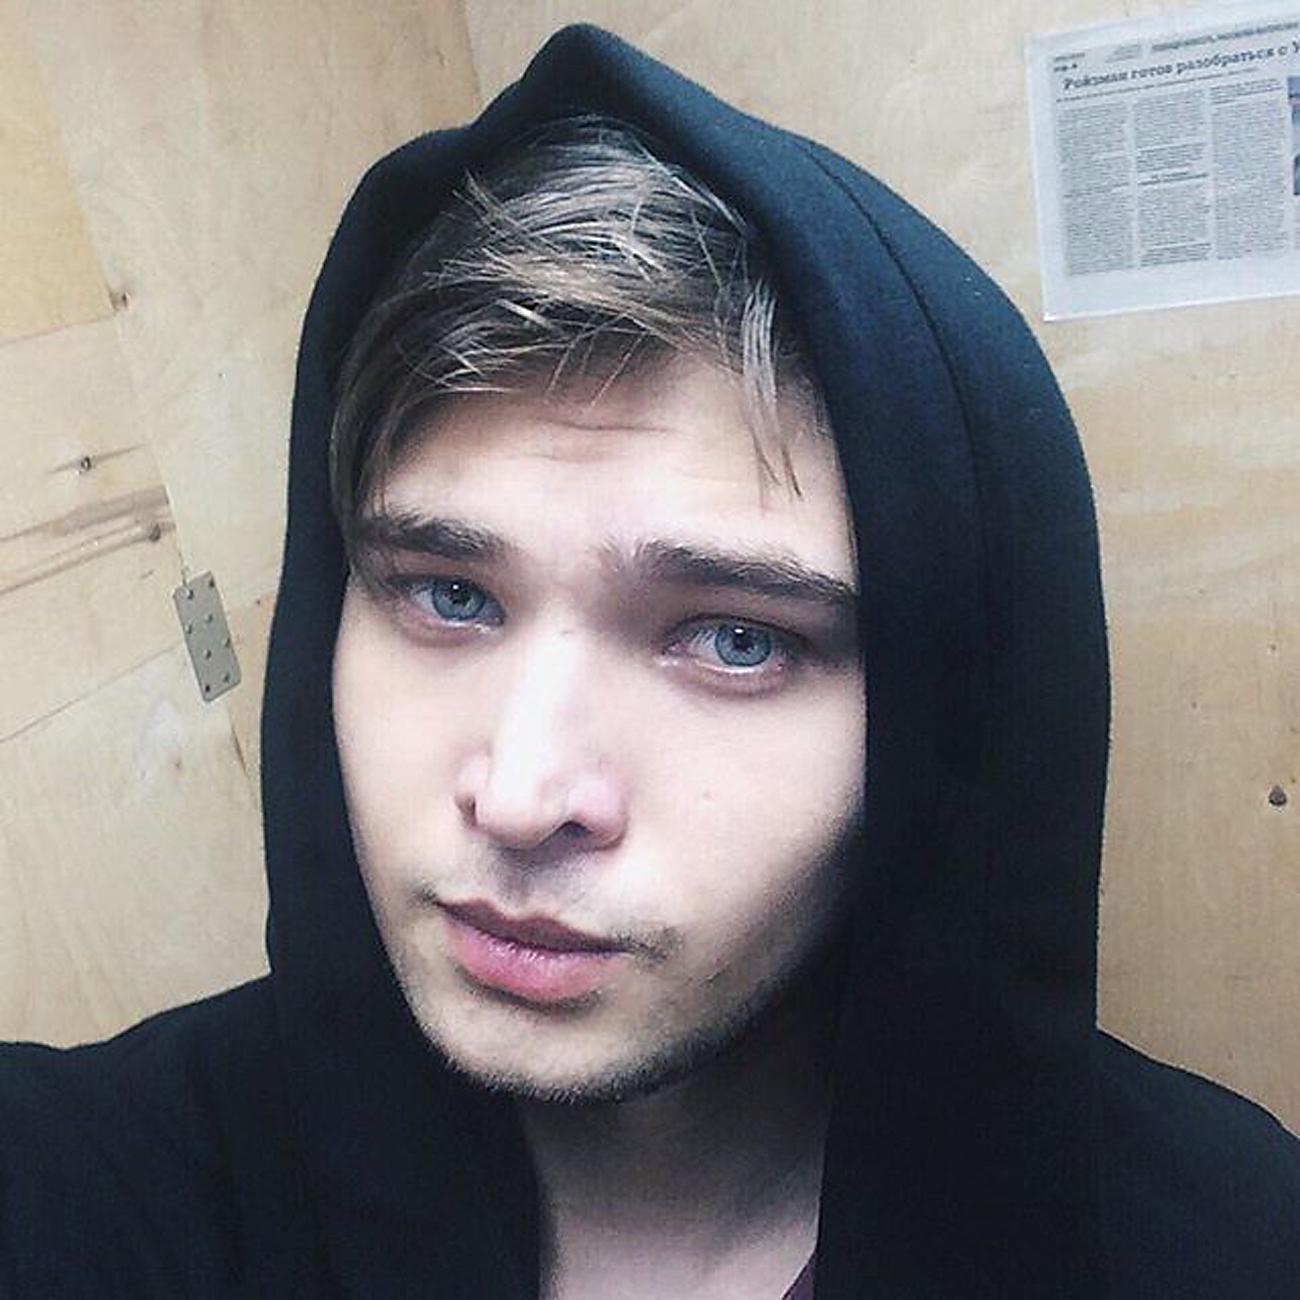 ルスラン・ソコロフスキー(22)=